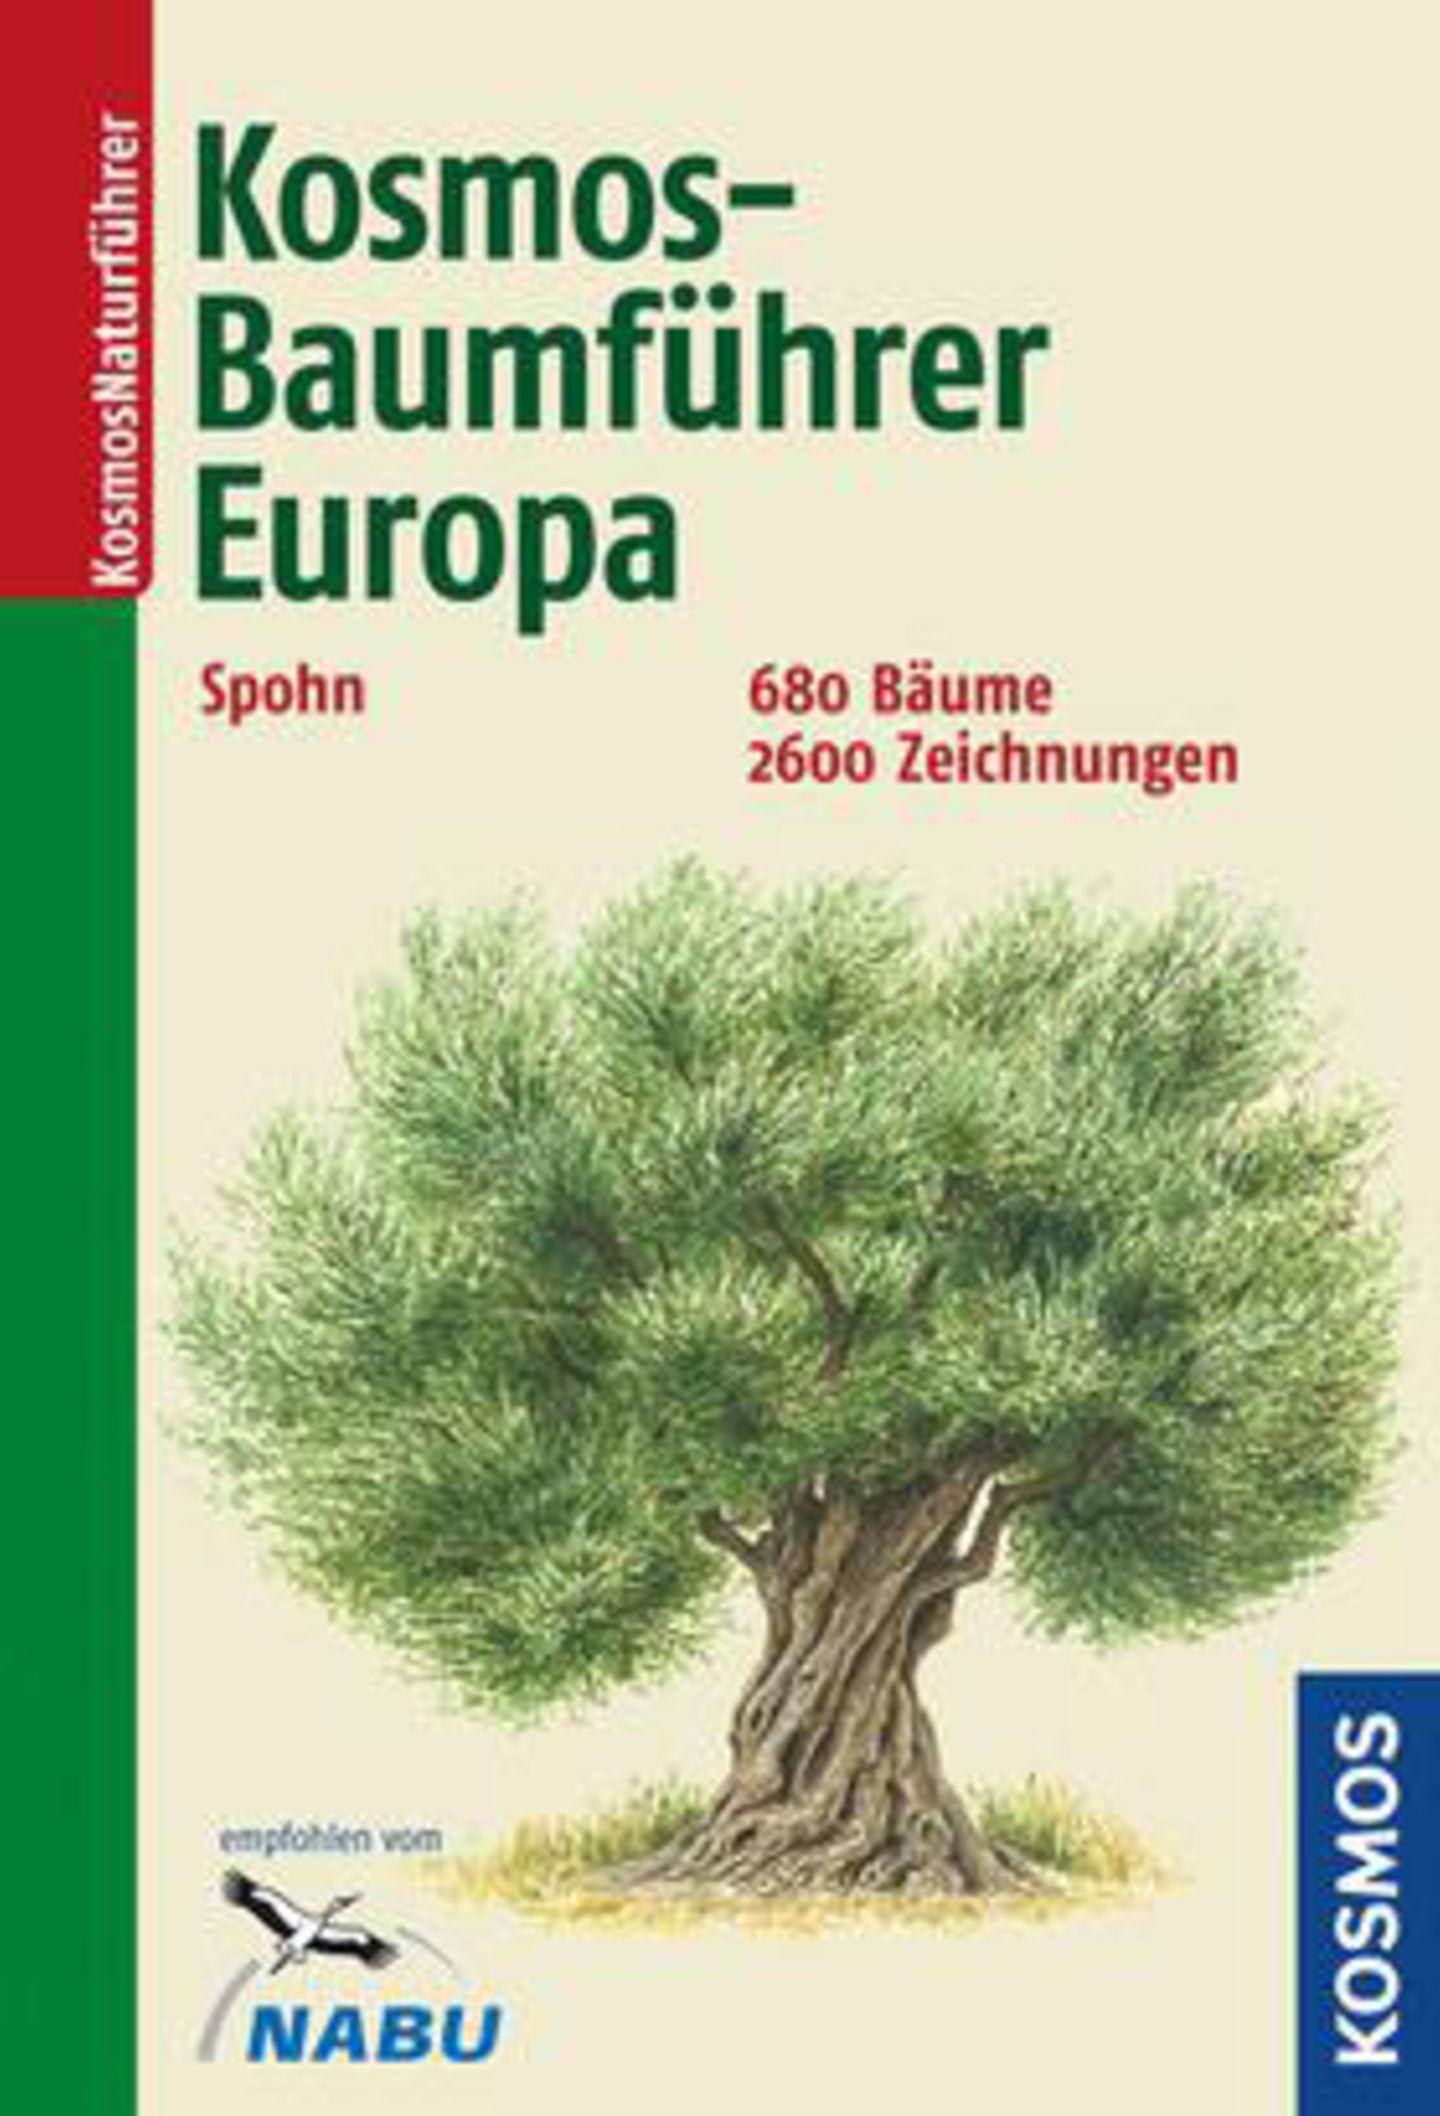 Kosmos Baumführer Europa